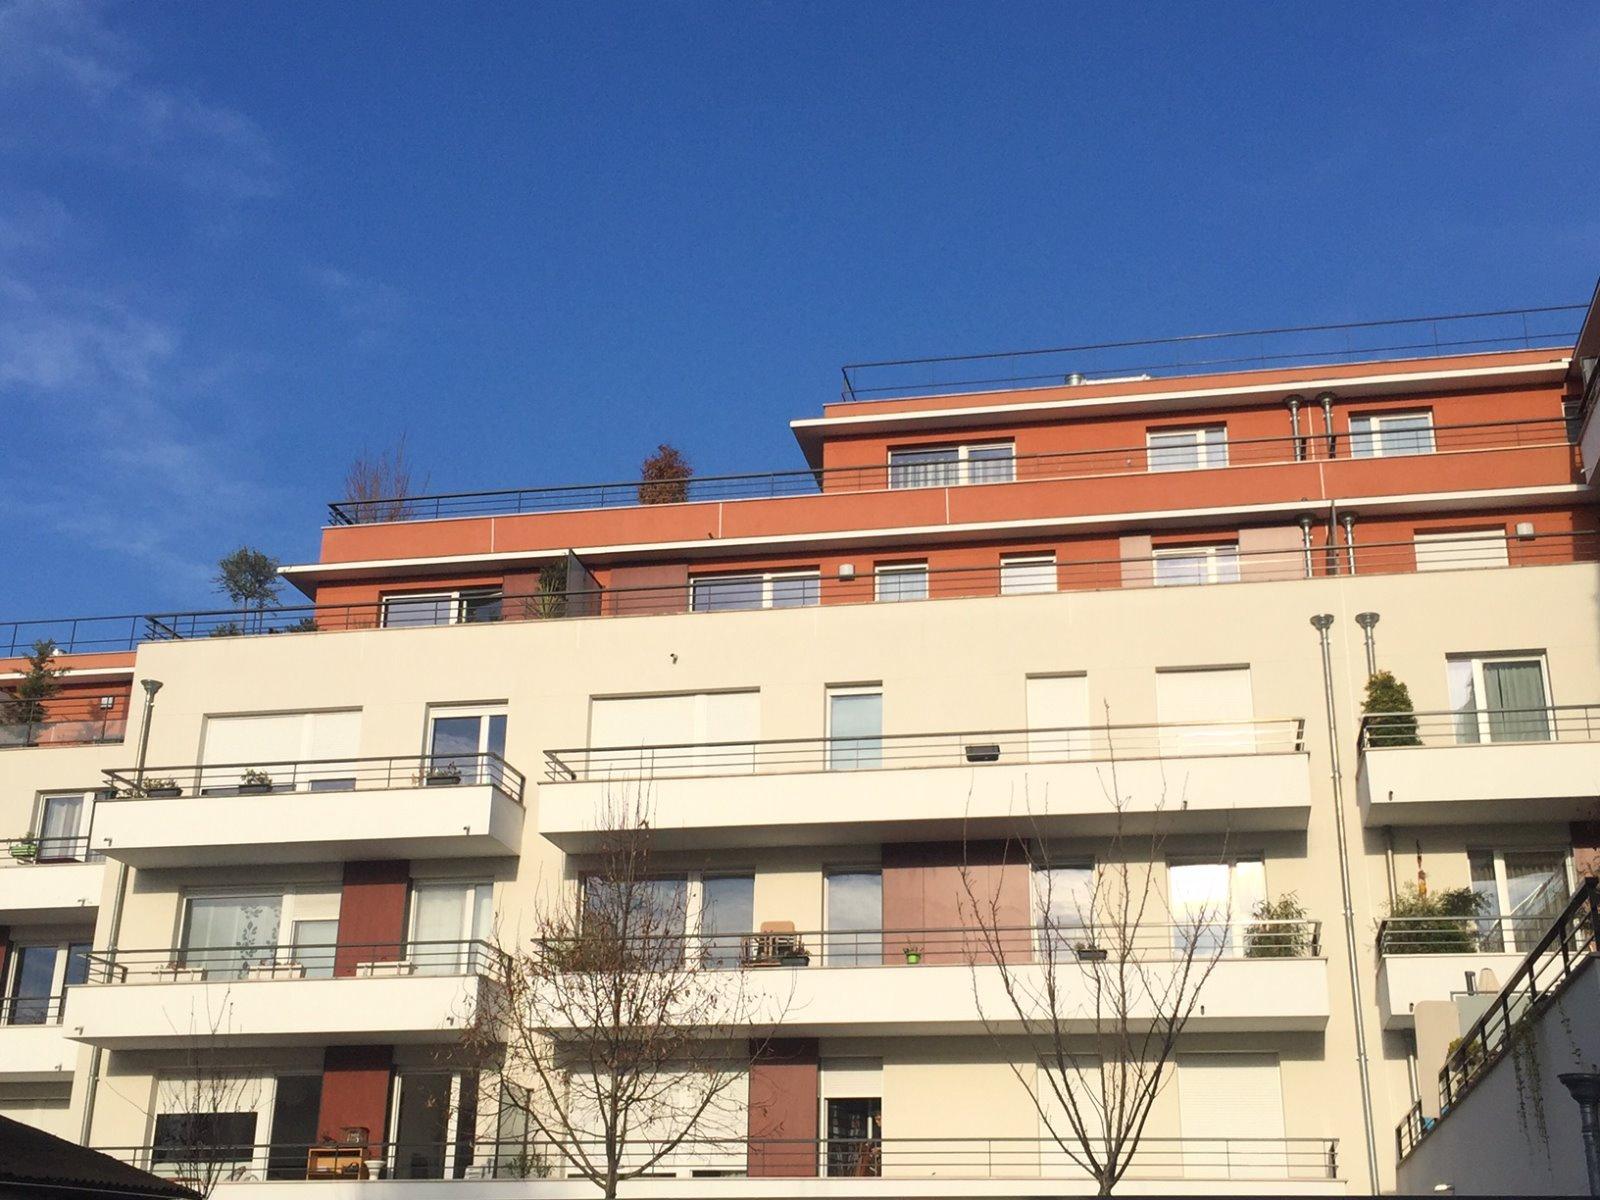 Vente franconville maison 74m for Garage de la piscine franconville